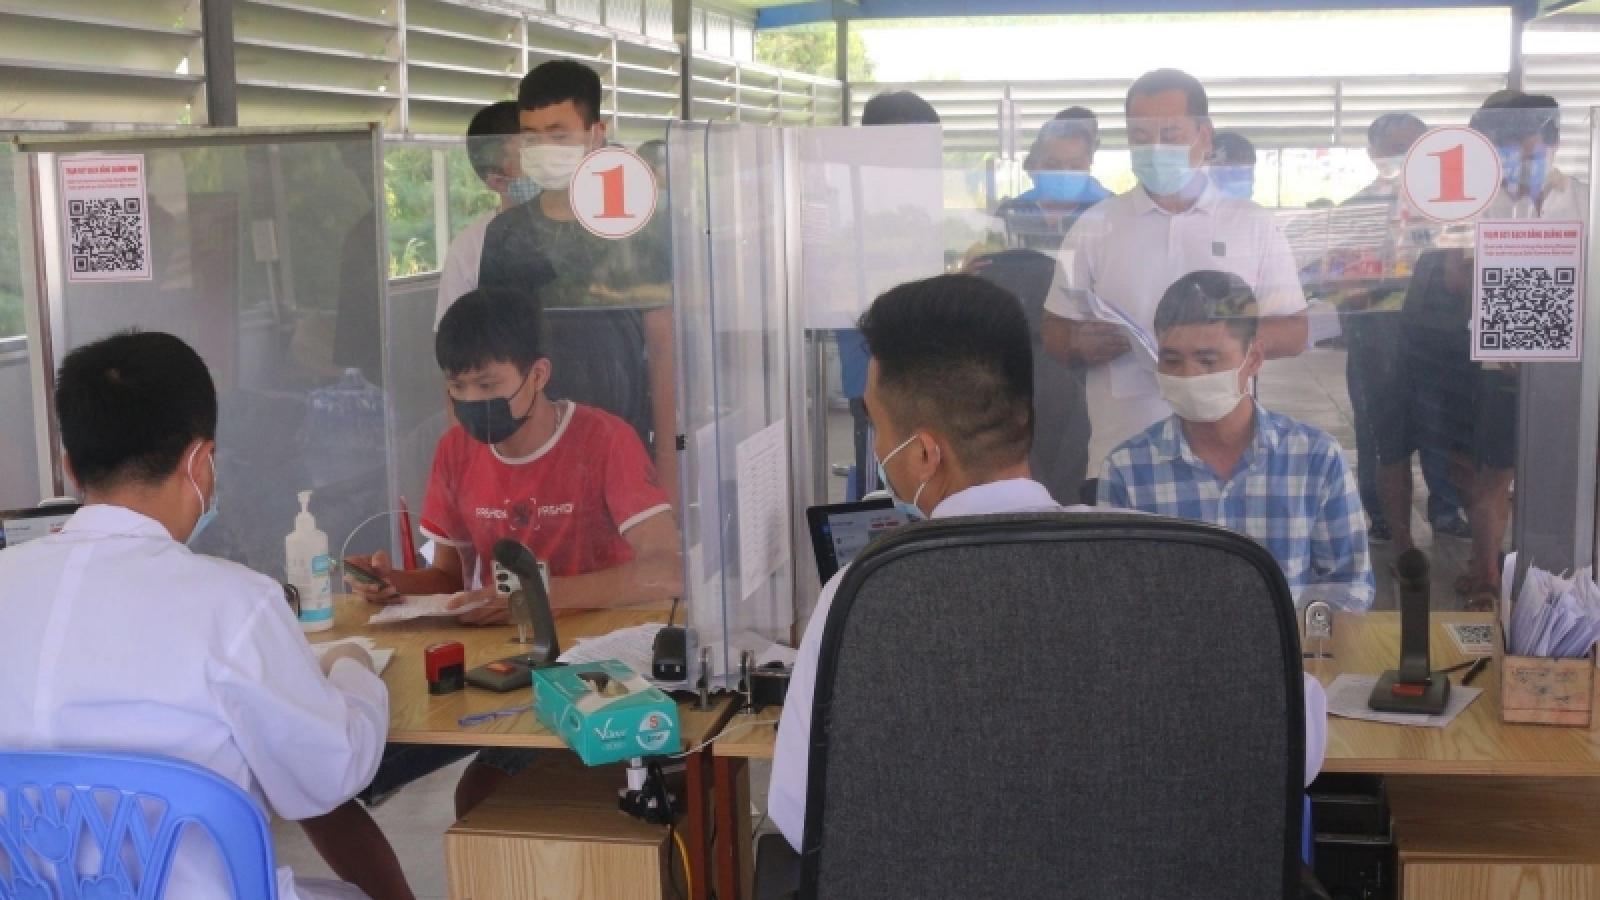 Quảng Ninh thành lập tổ công tác hướng dẫn hoạt động giao thông - vận tải an toàn